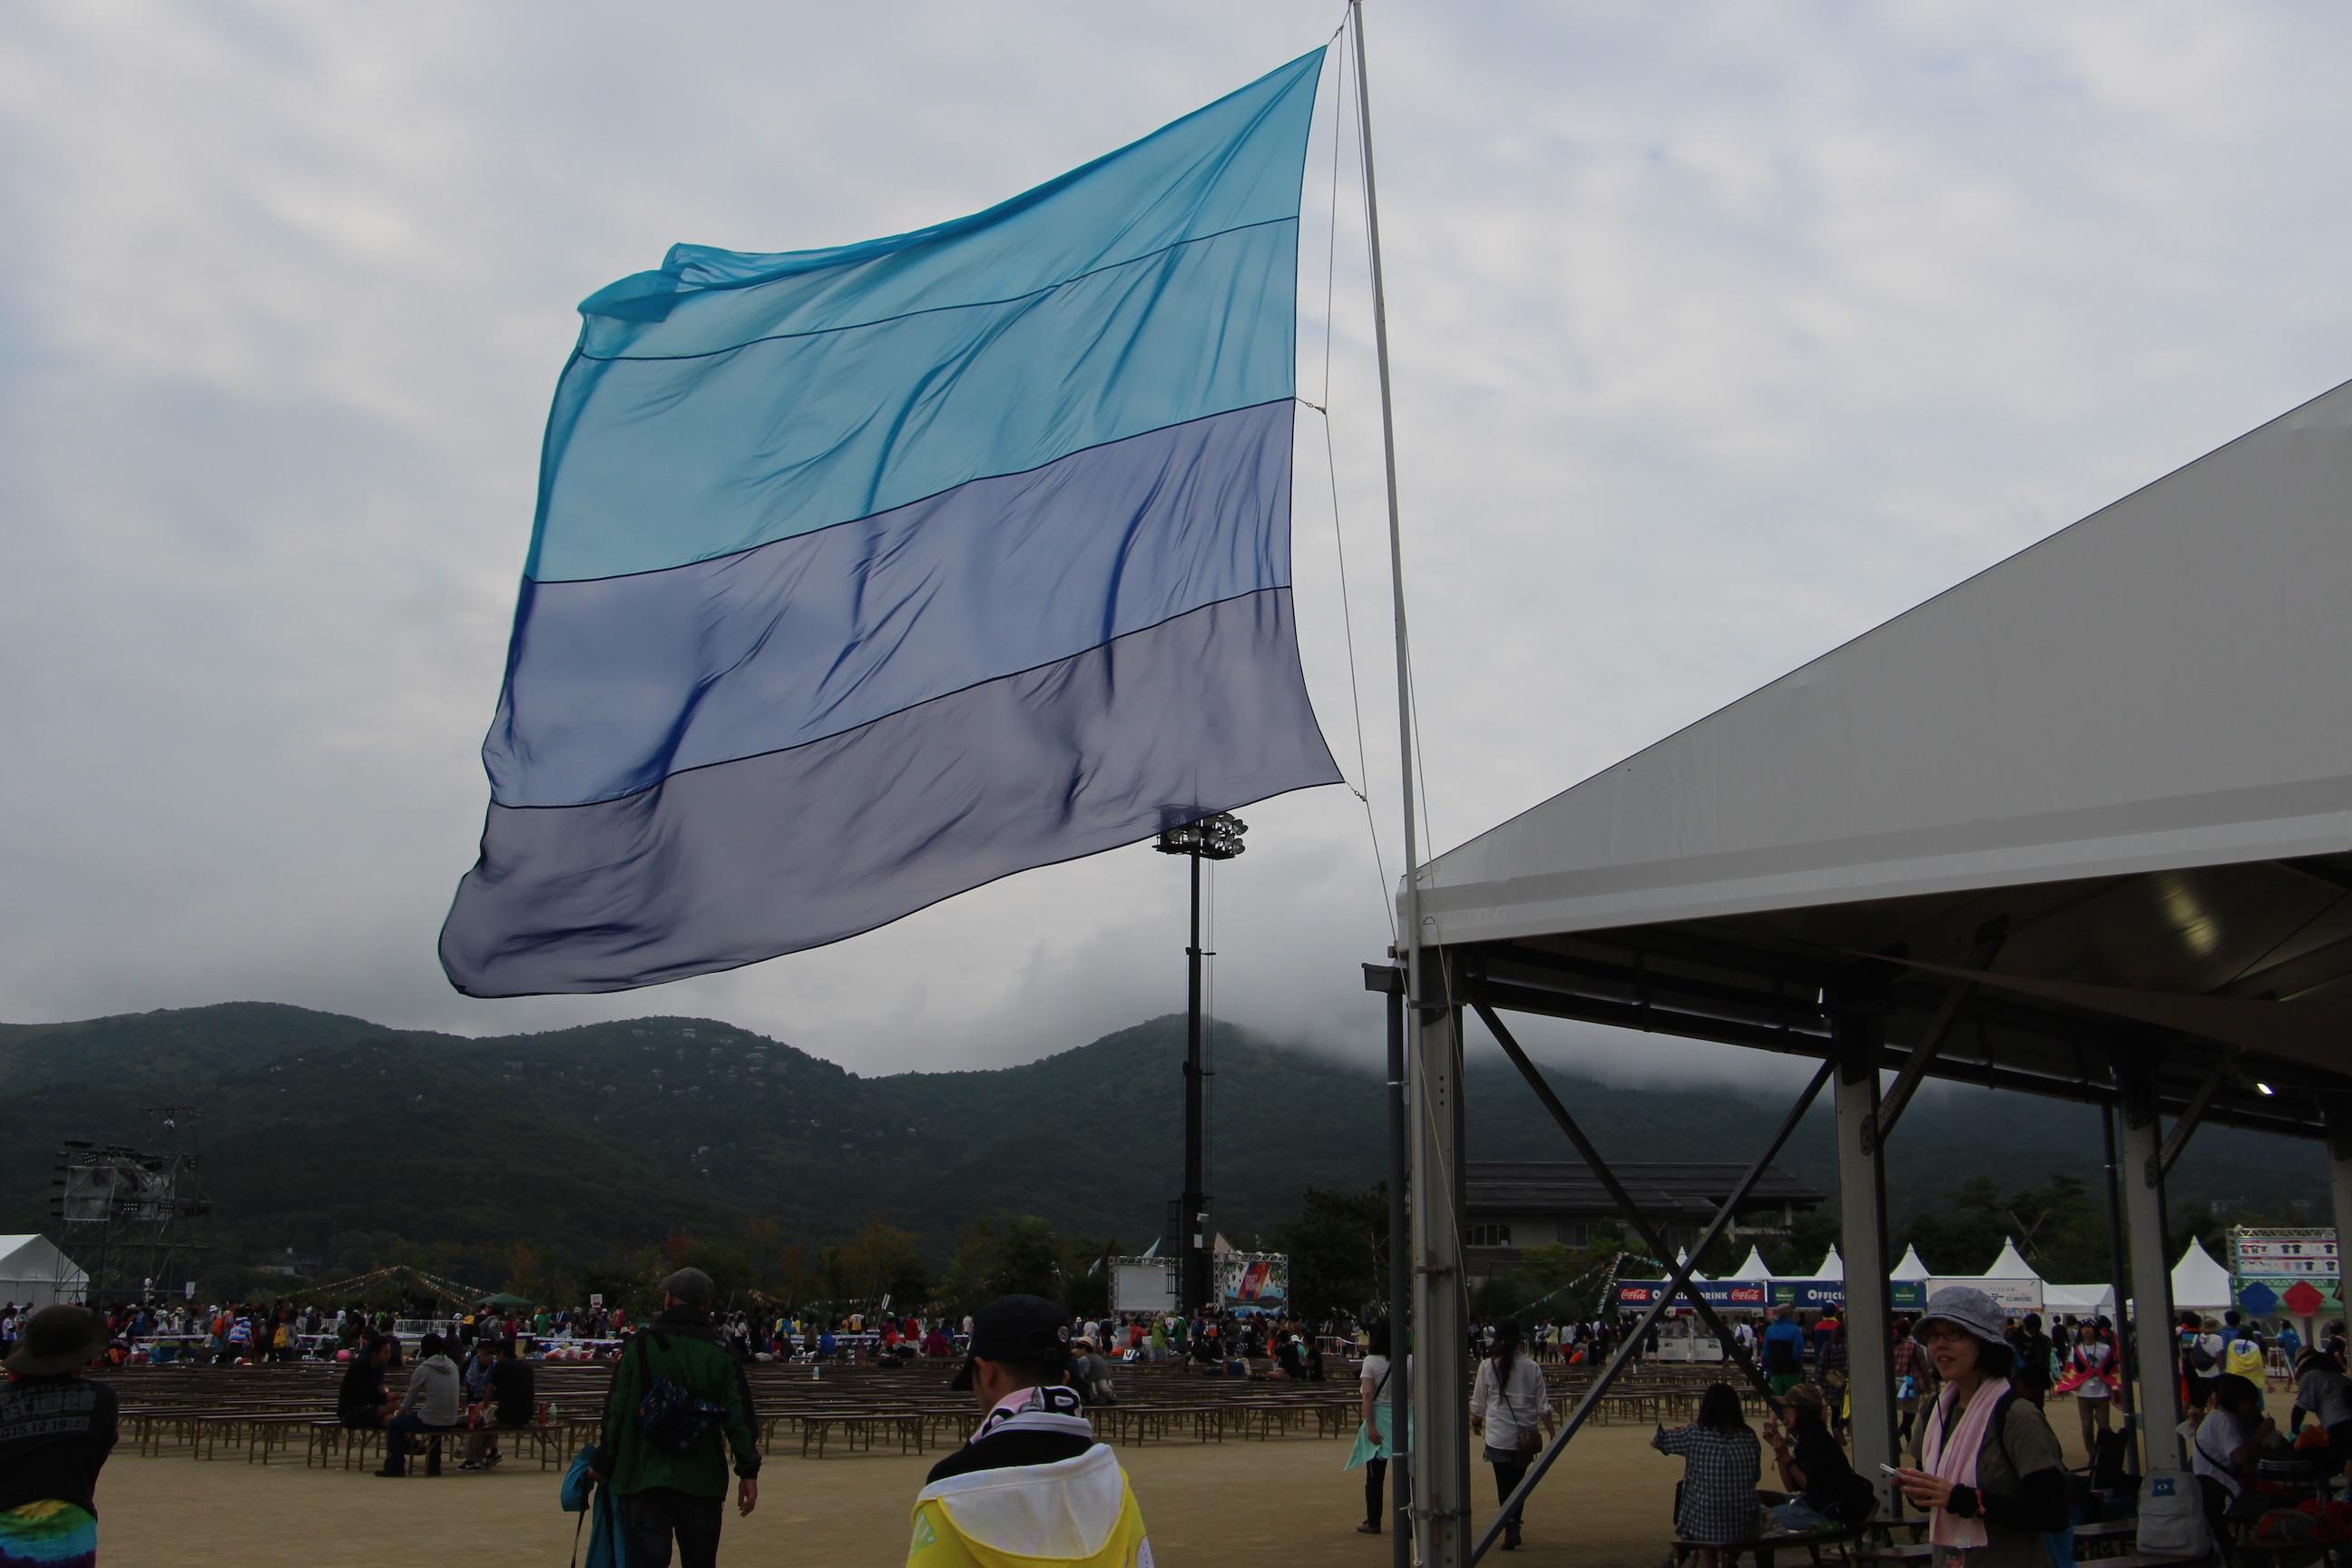 青空に映える、大きなフラッグ